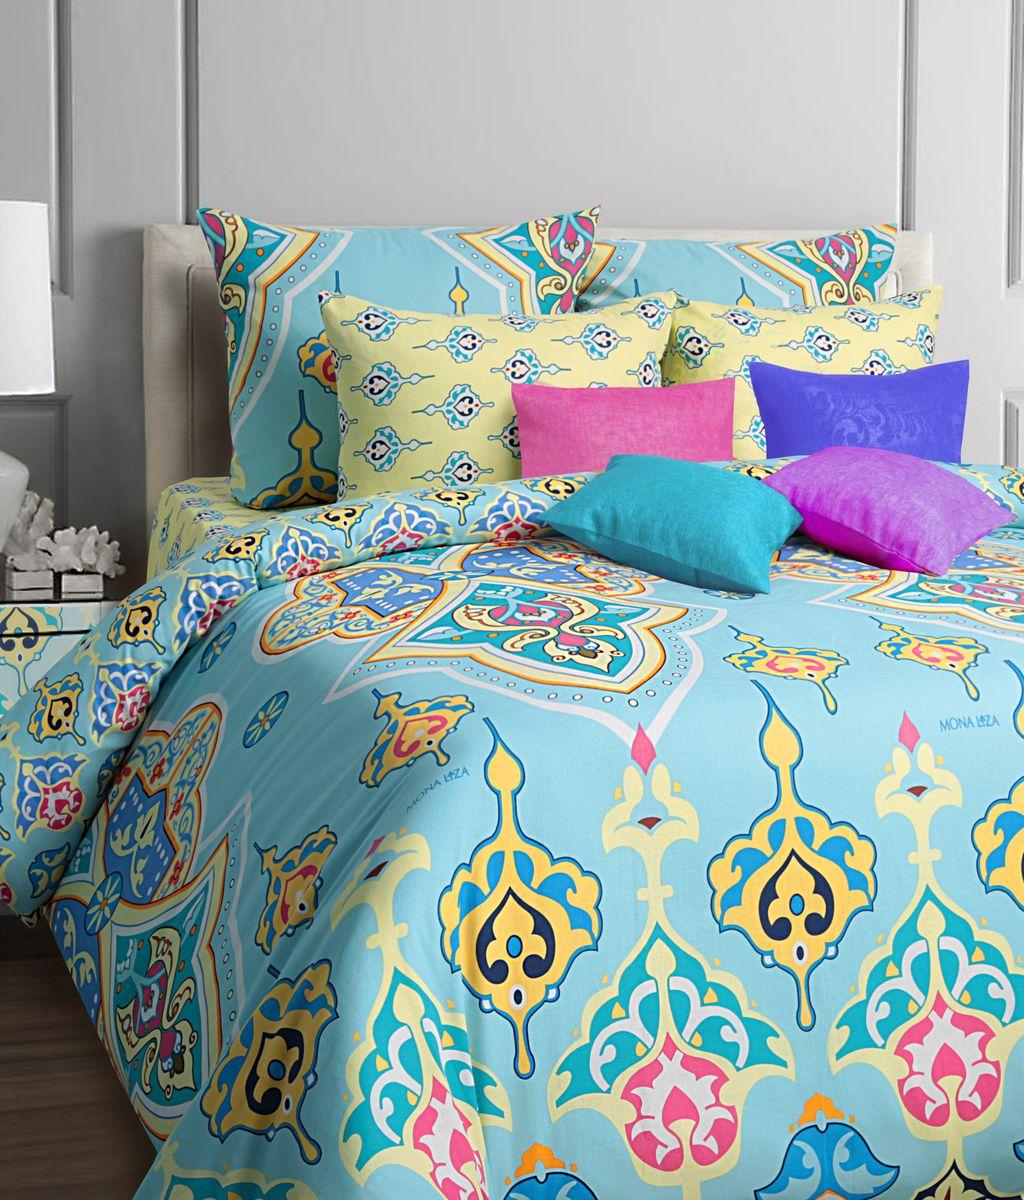 Комплект белья Mona Liza Arabic, евро, наволочки 70x70, цвет: голубой552109/34Коллекция постельного белья MONA LIZA Classic поражает многообразием дизайнов. Среди них легко подобрать необходимый рисунок, который создаст в доме уют. Комплекты выполнены из бязи 100 % хлопка.